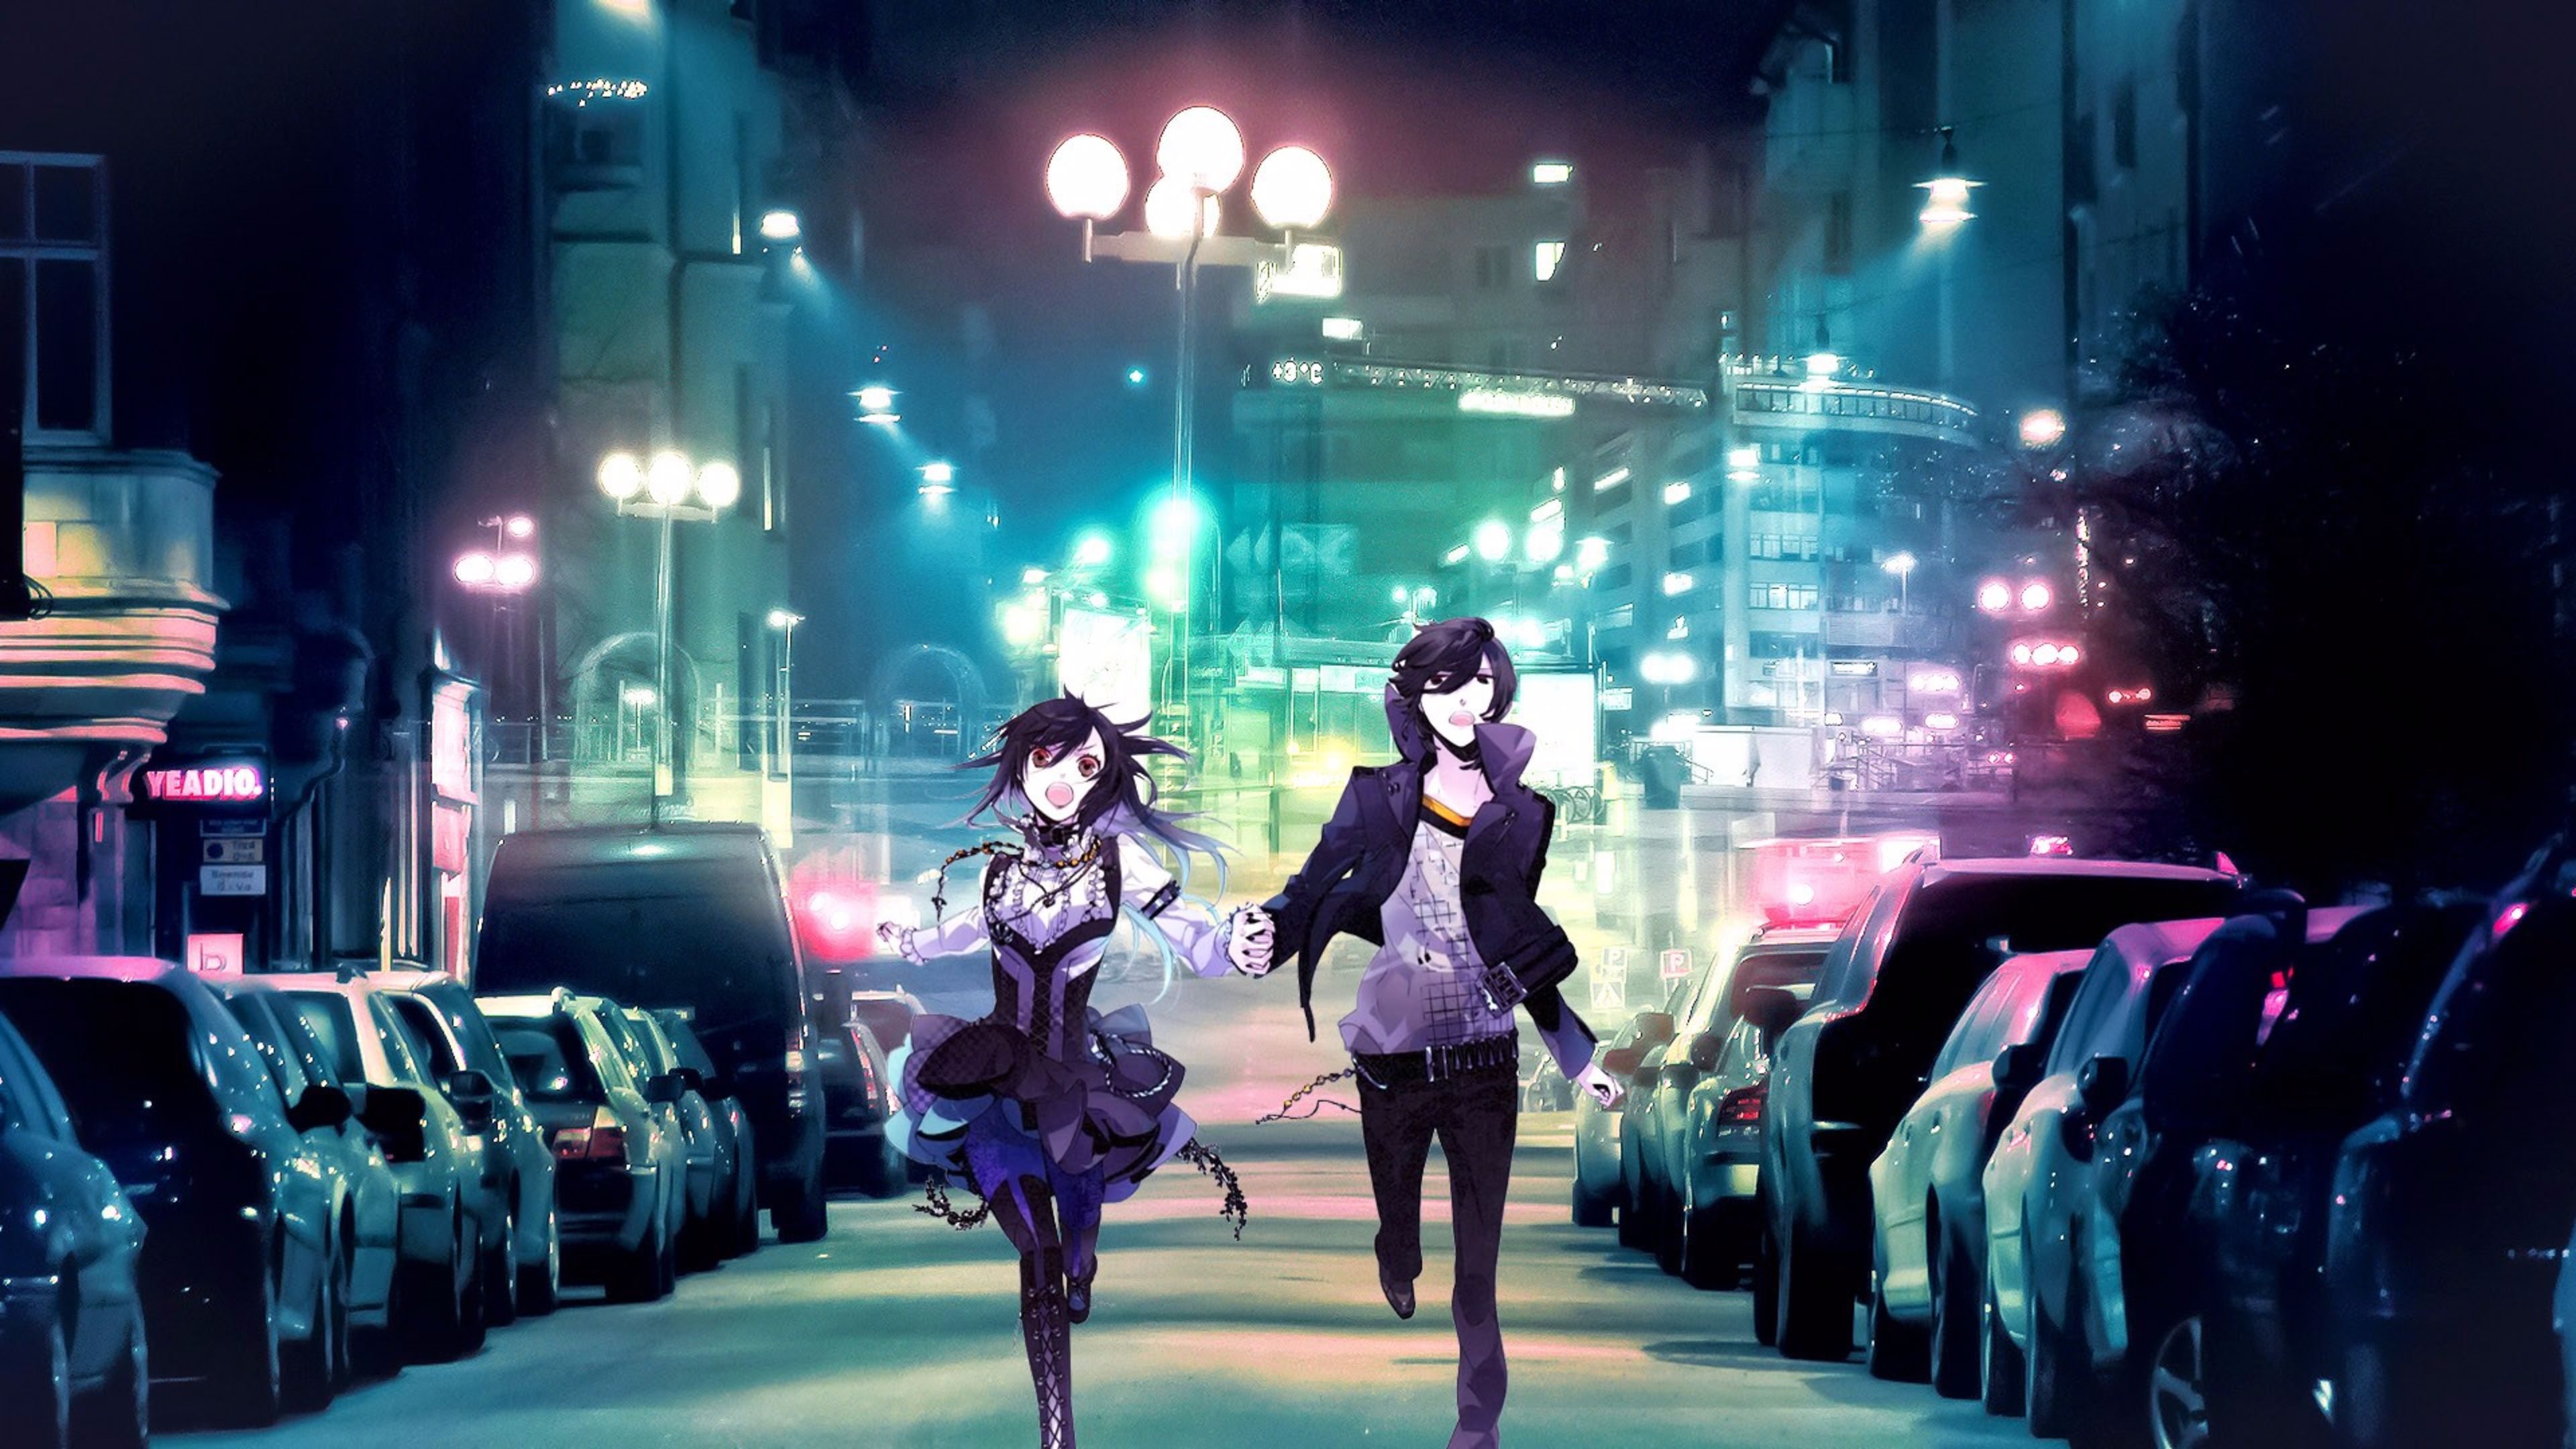 Anime Wallpaper 4K  WallpaperSafari